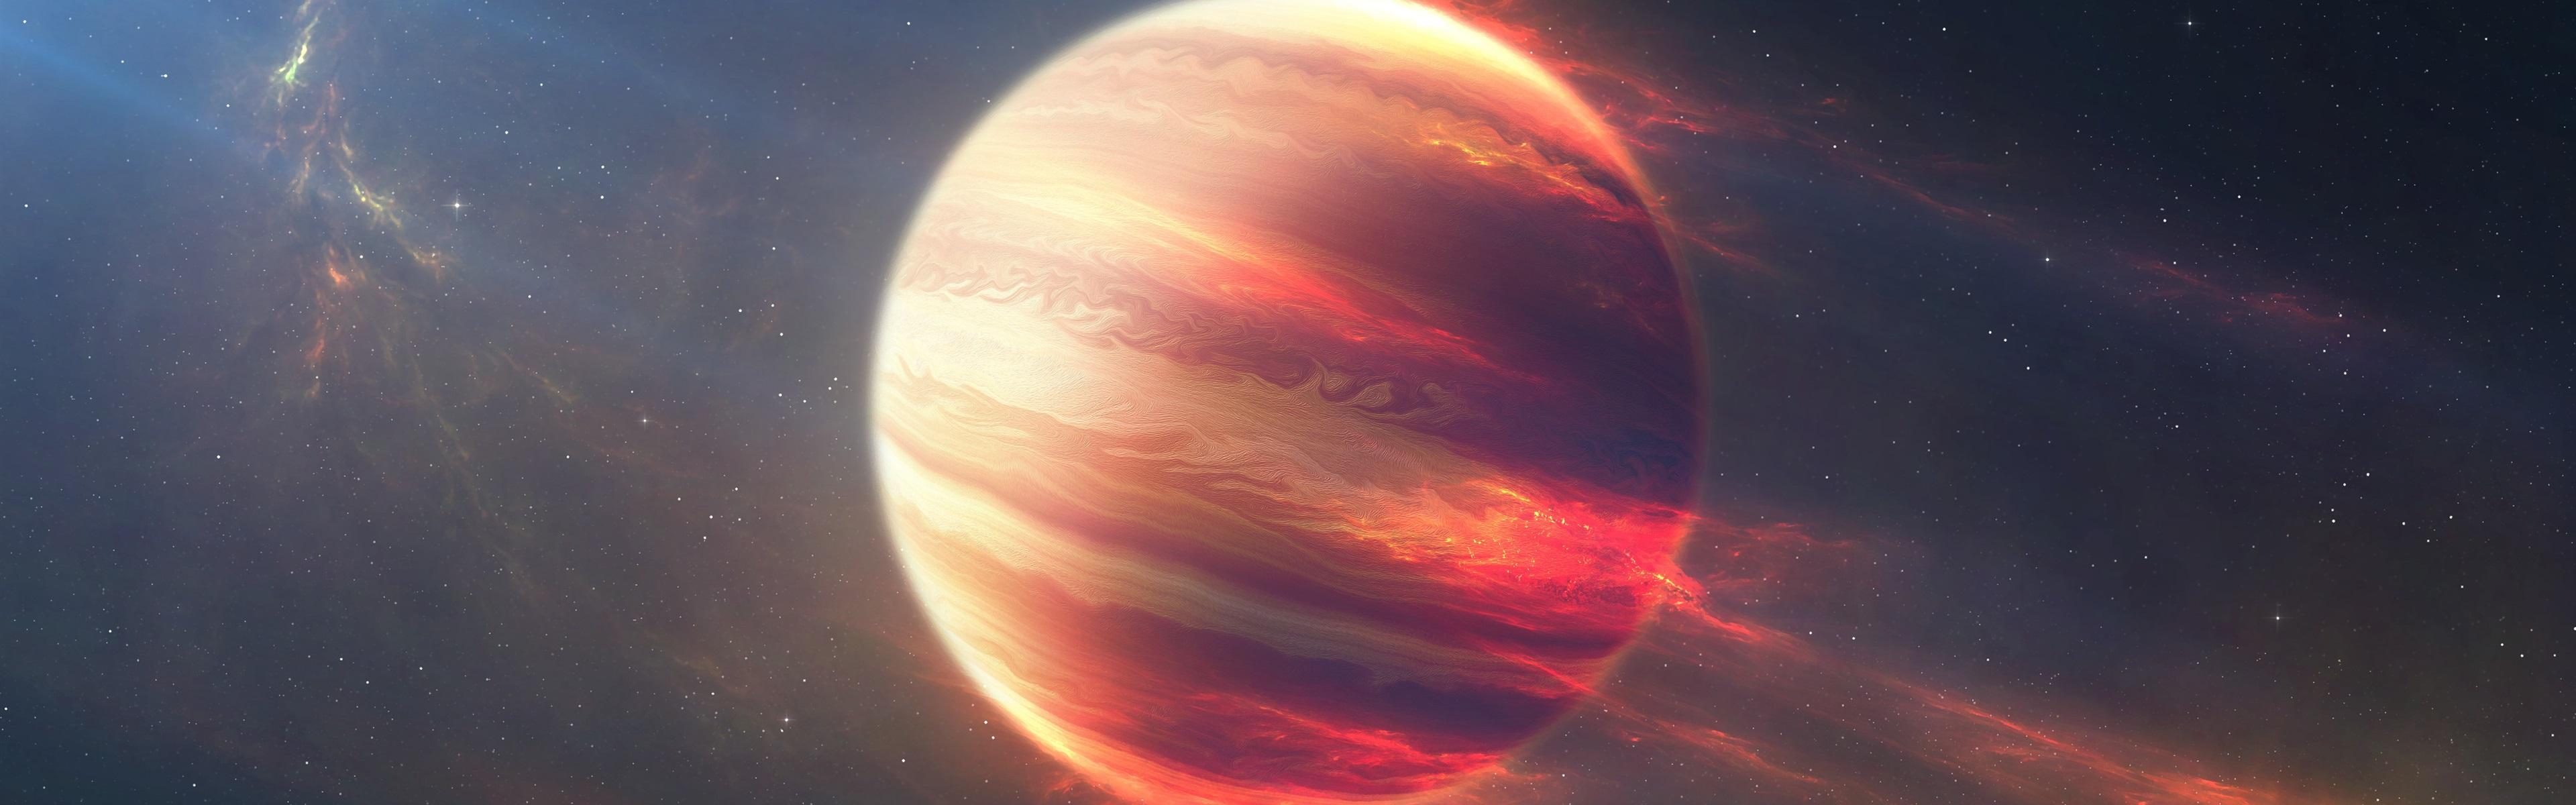 壁紙 宇宙 宇宙 赤い惑星 ストリップ 3840x1200 マルチモニター